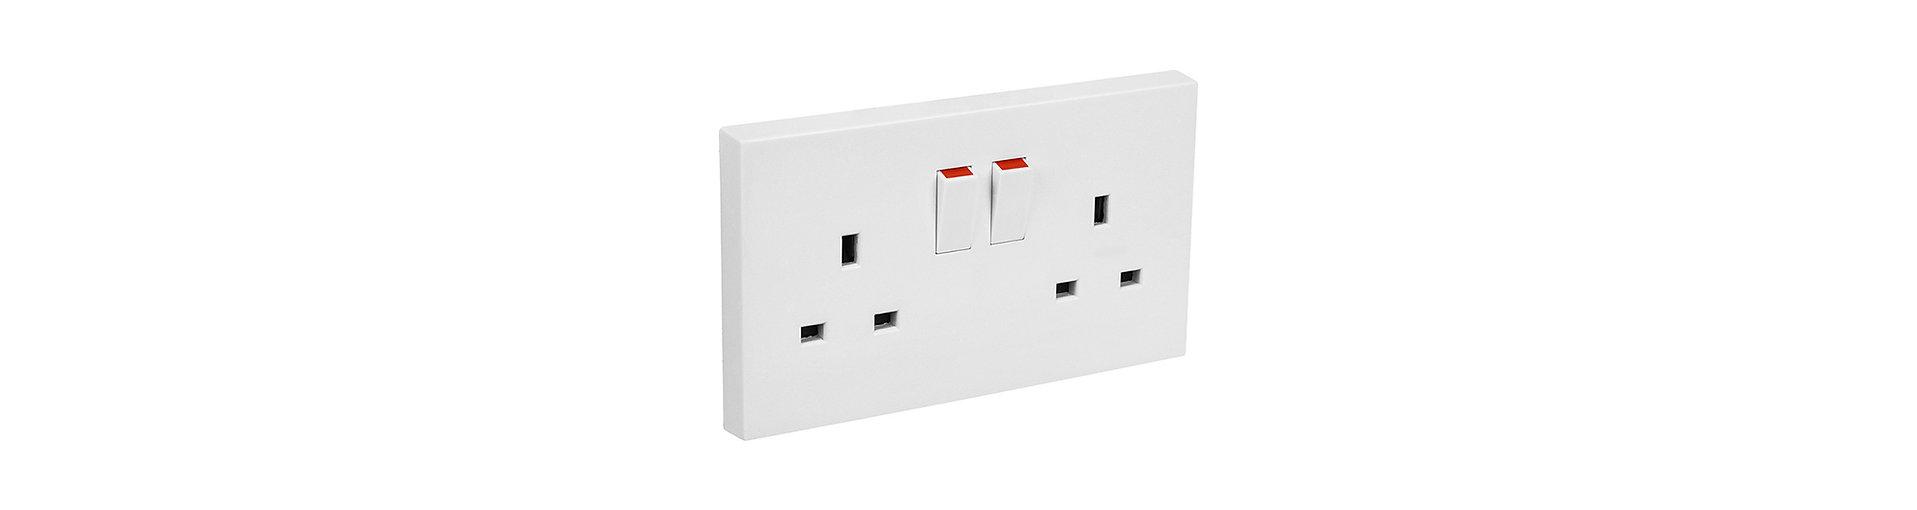 Elektrický proud, zásuvky, redukce, Maledivy